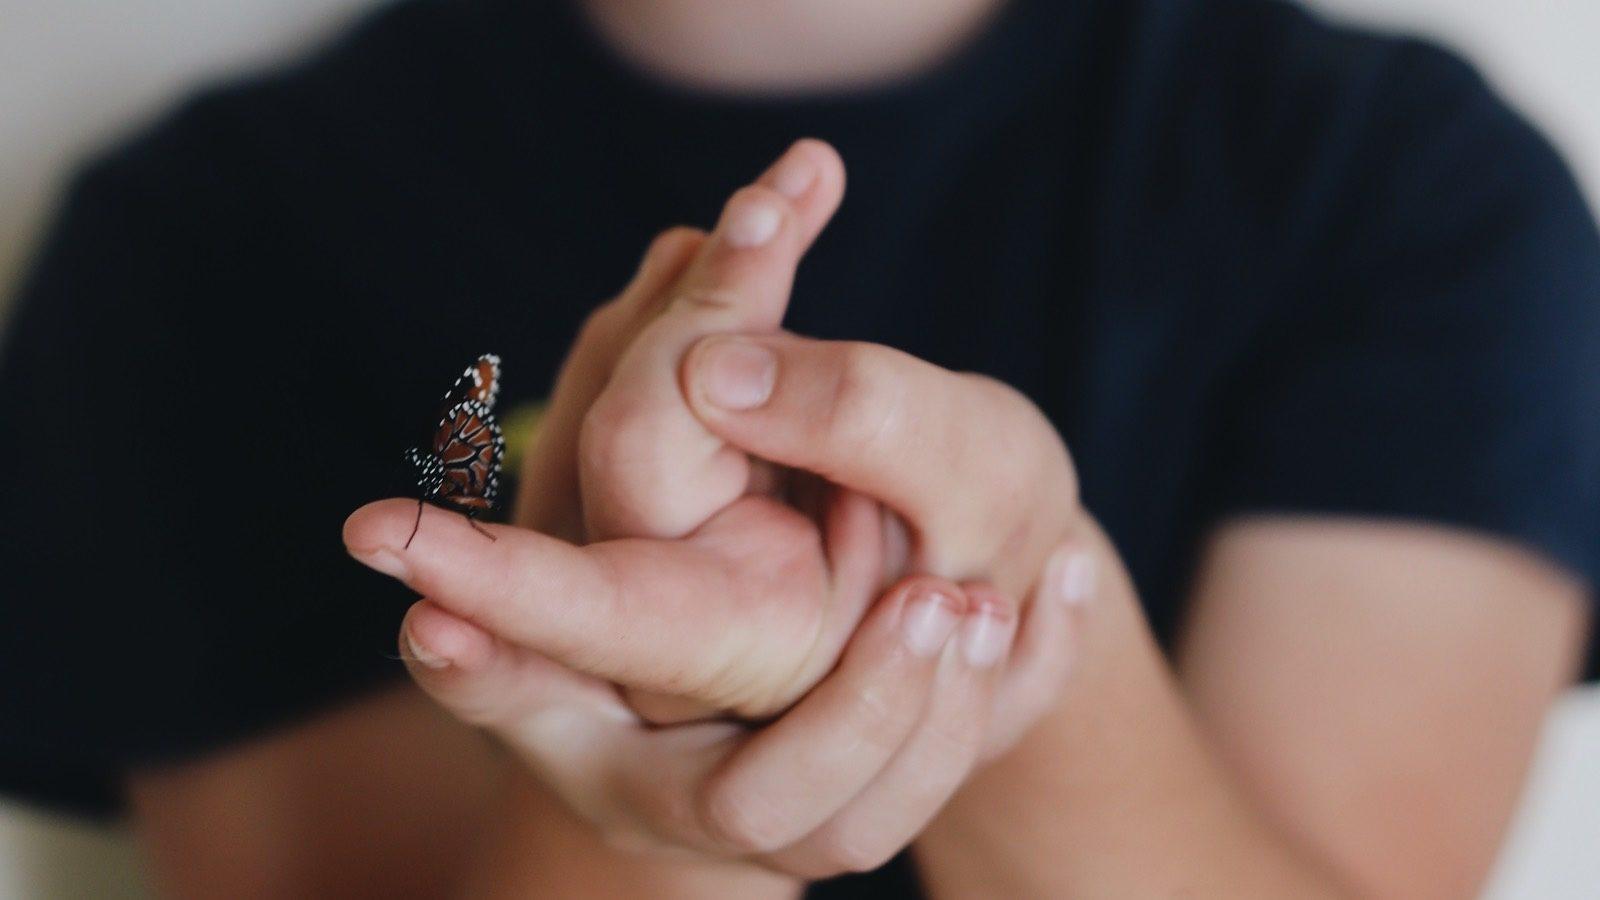 Fingernägel Kauen Diese 5 Tipps Helfen Gegen Nägelkauen